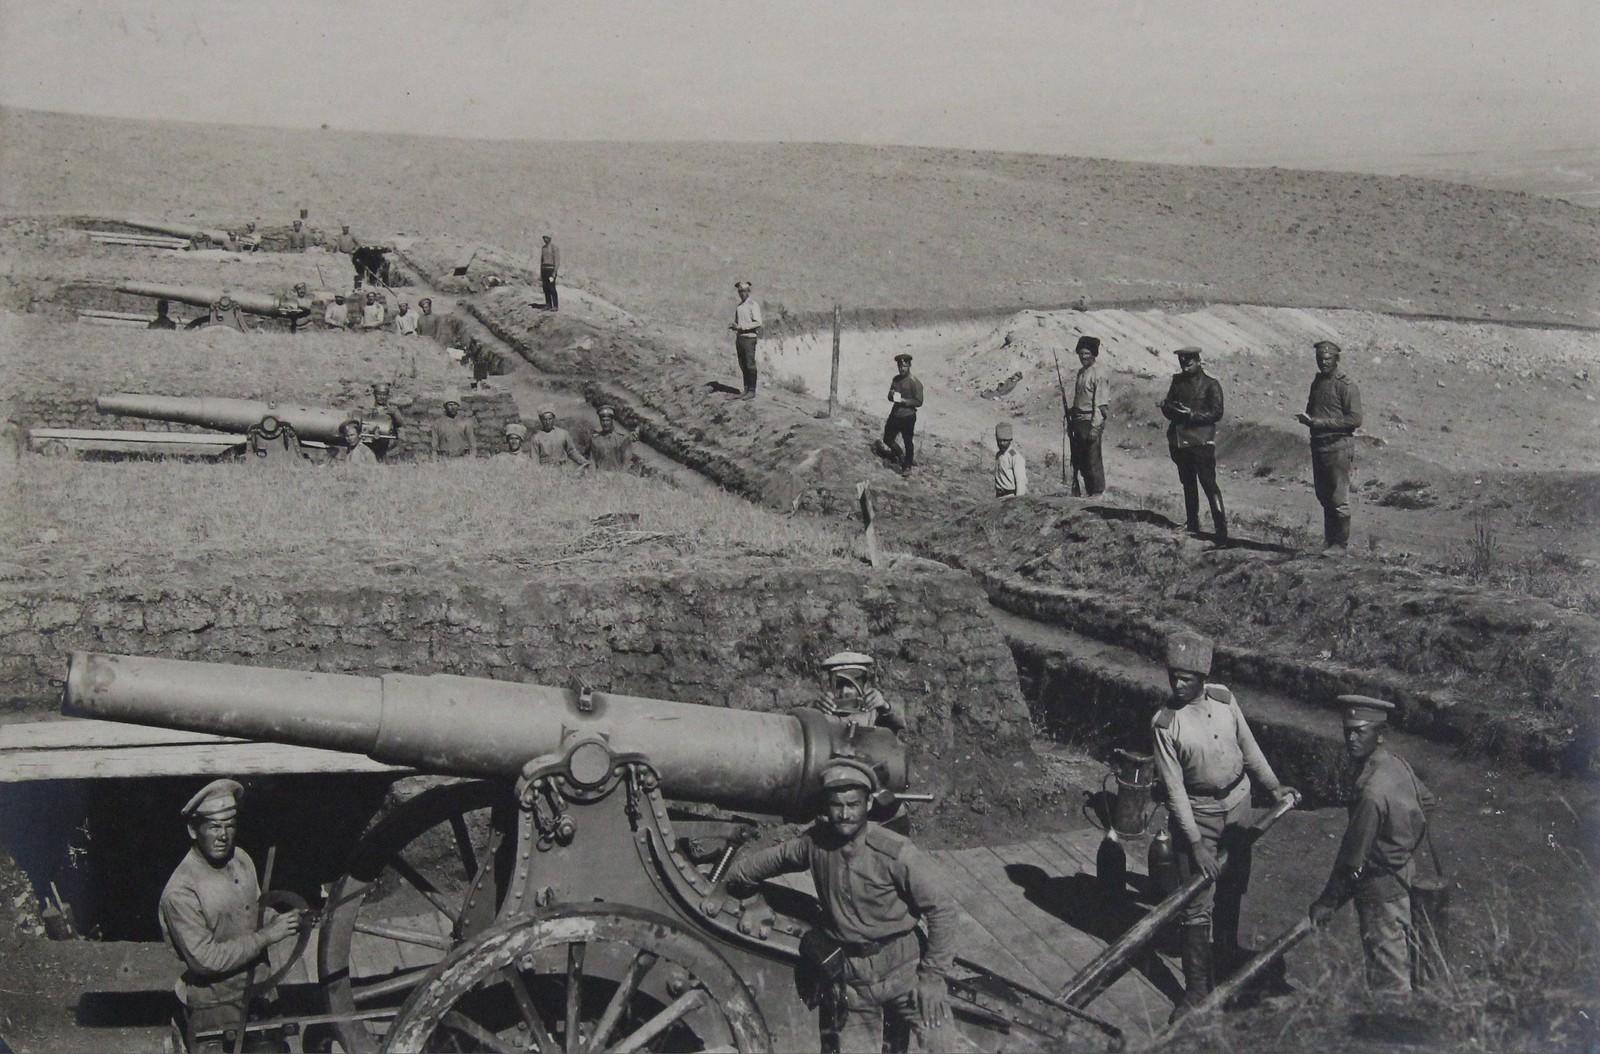 Вид на боевые расчёты крепостной батареи 6-дюймовых пушек образца 1877 г. в 120 (или в 190) пудов. 1916